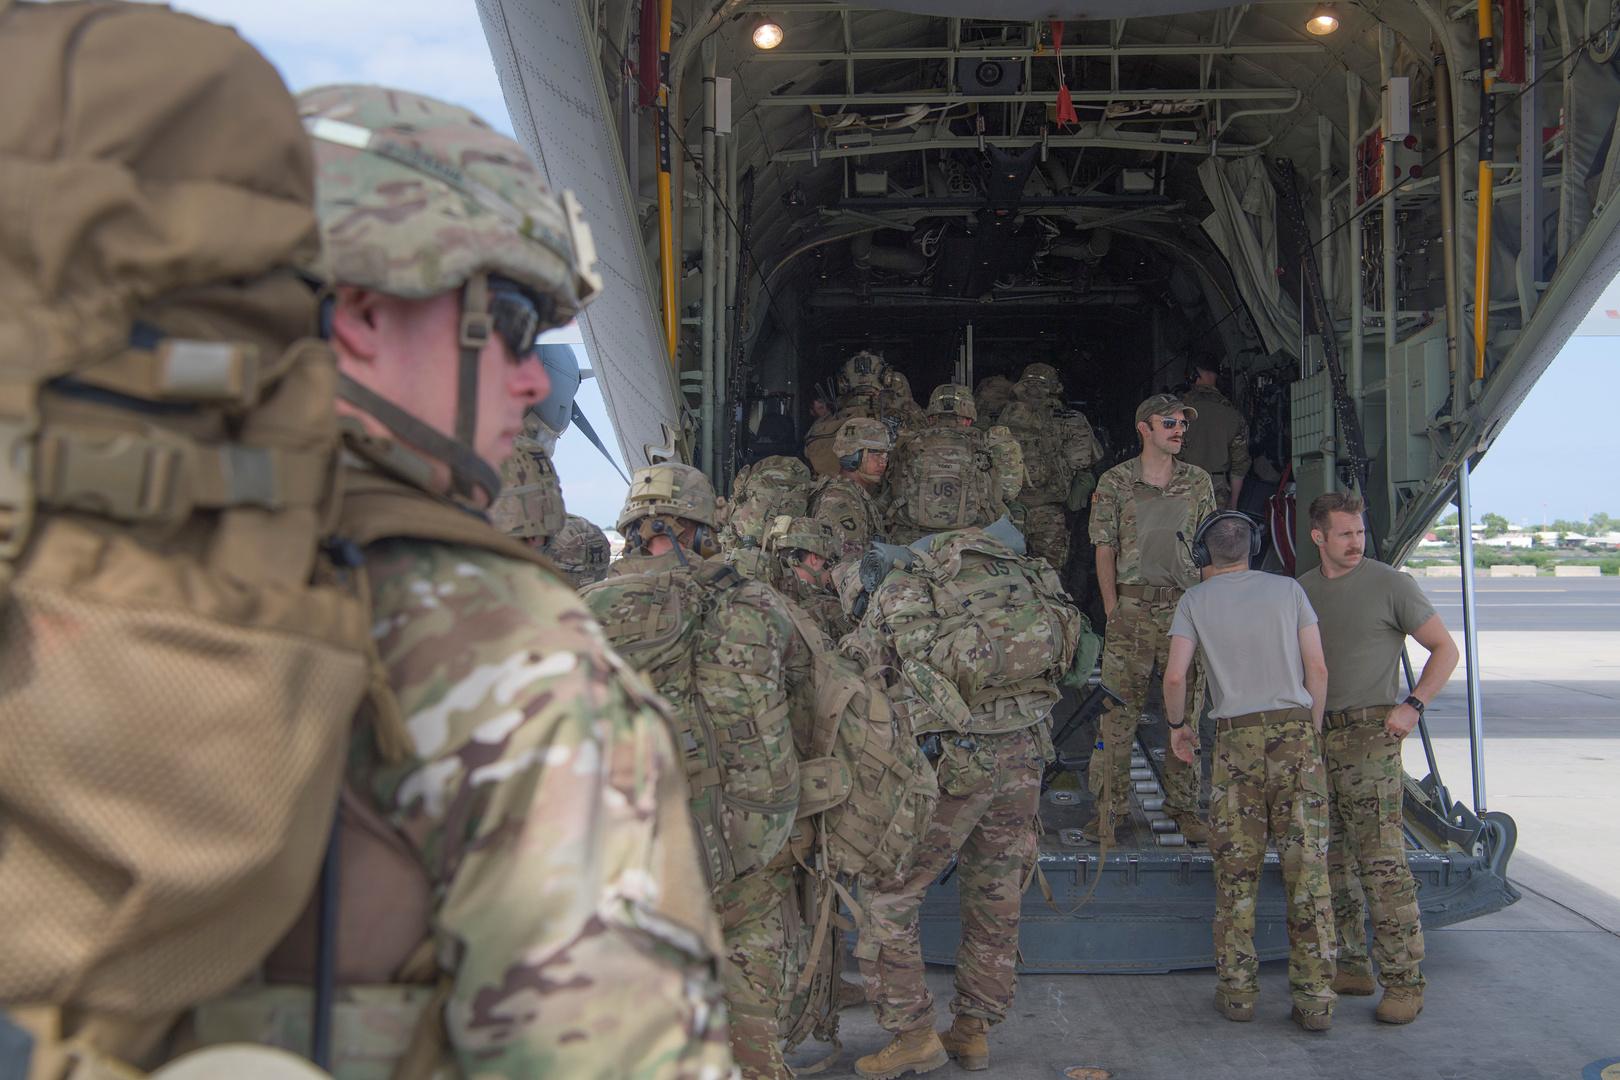 القوات الأمريكية تشن هجوما جويا في الصومال هو الأول في عهد بايدن